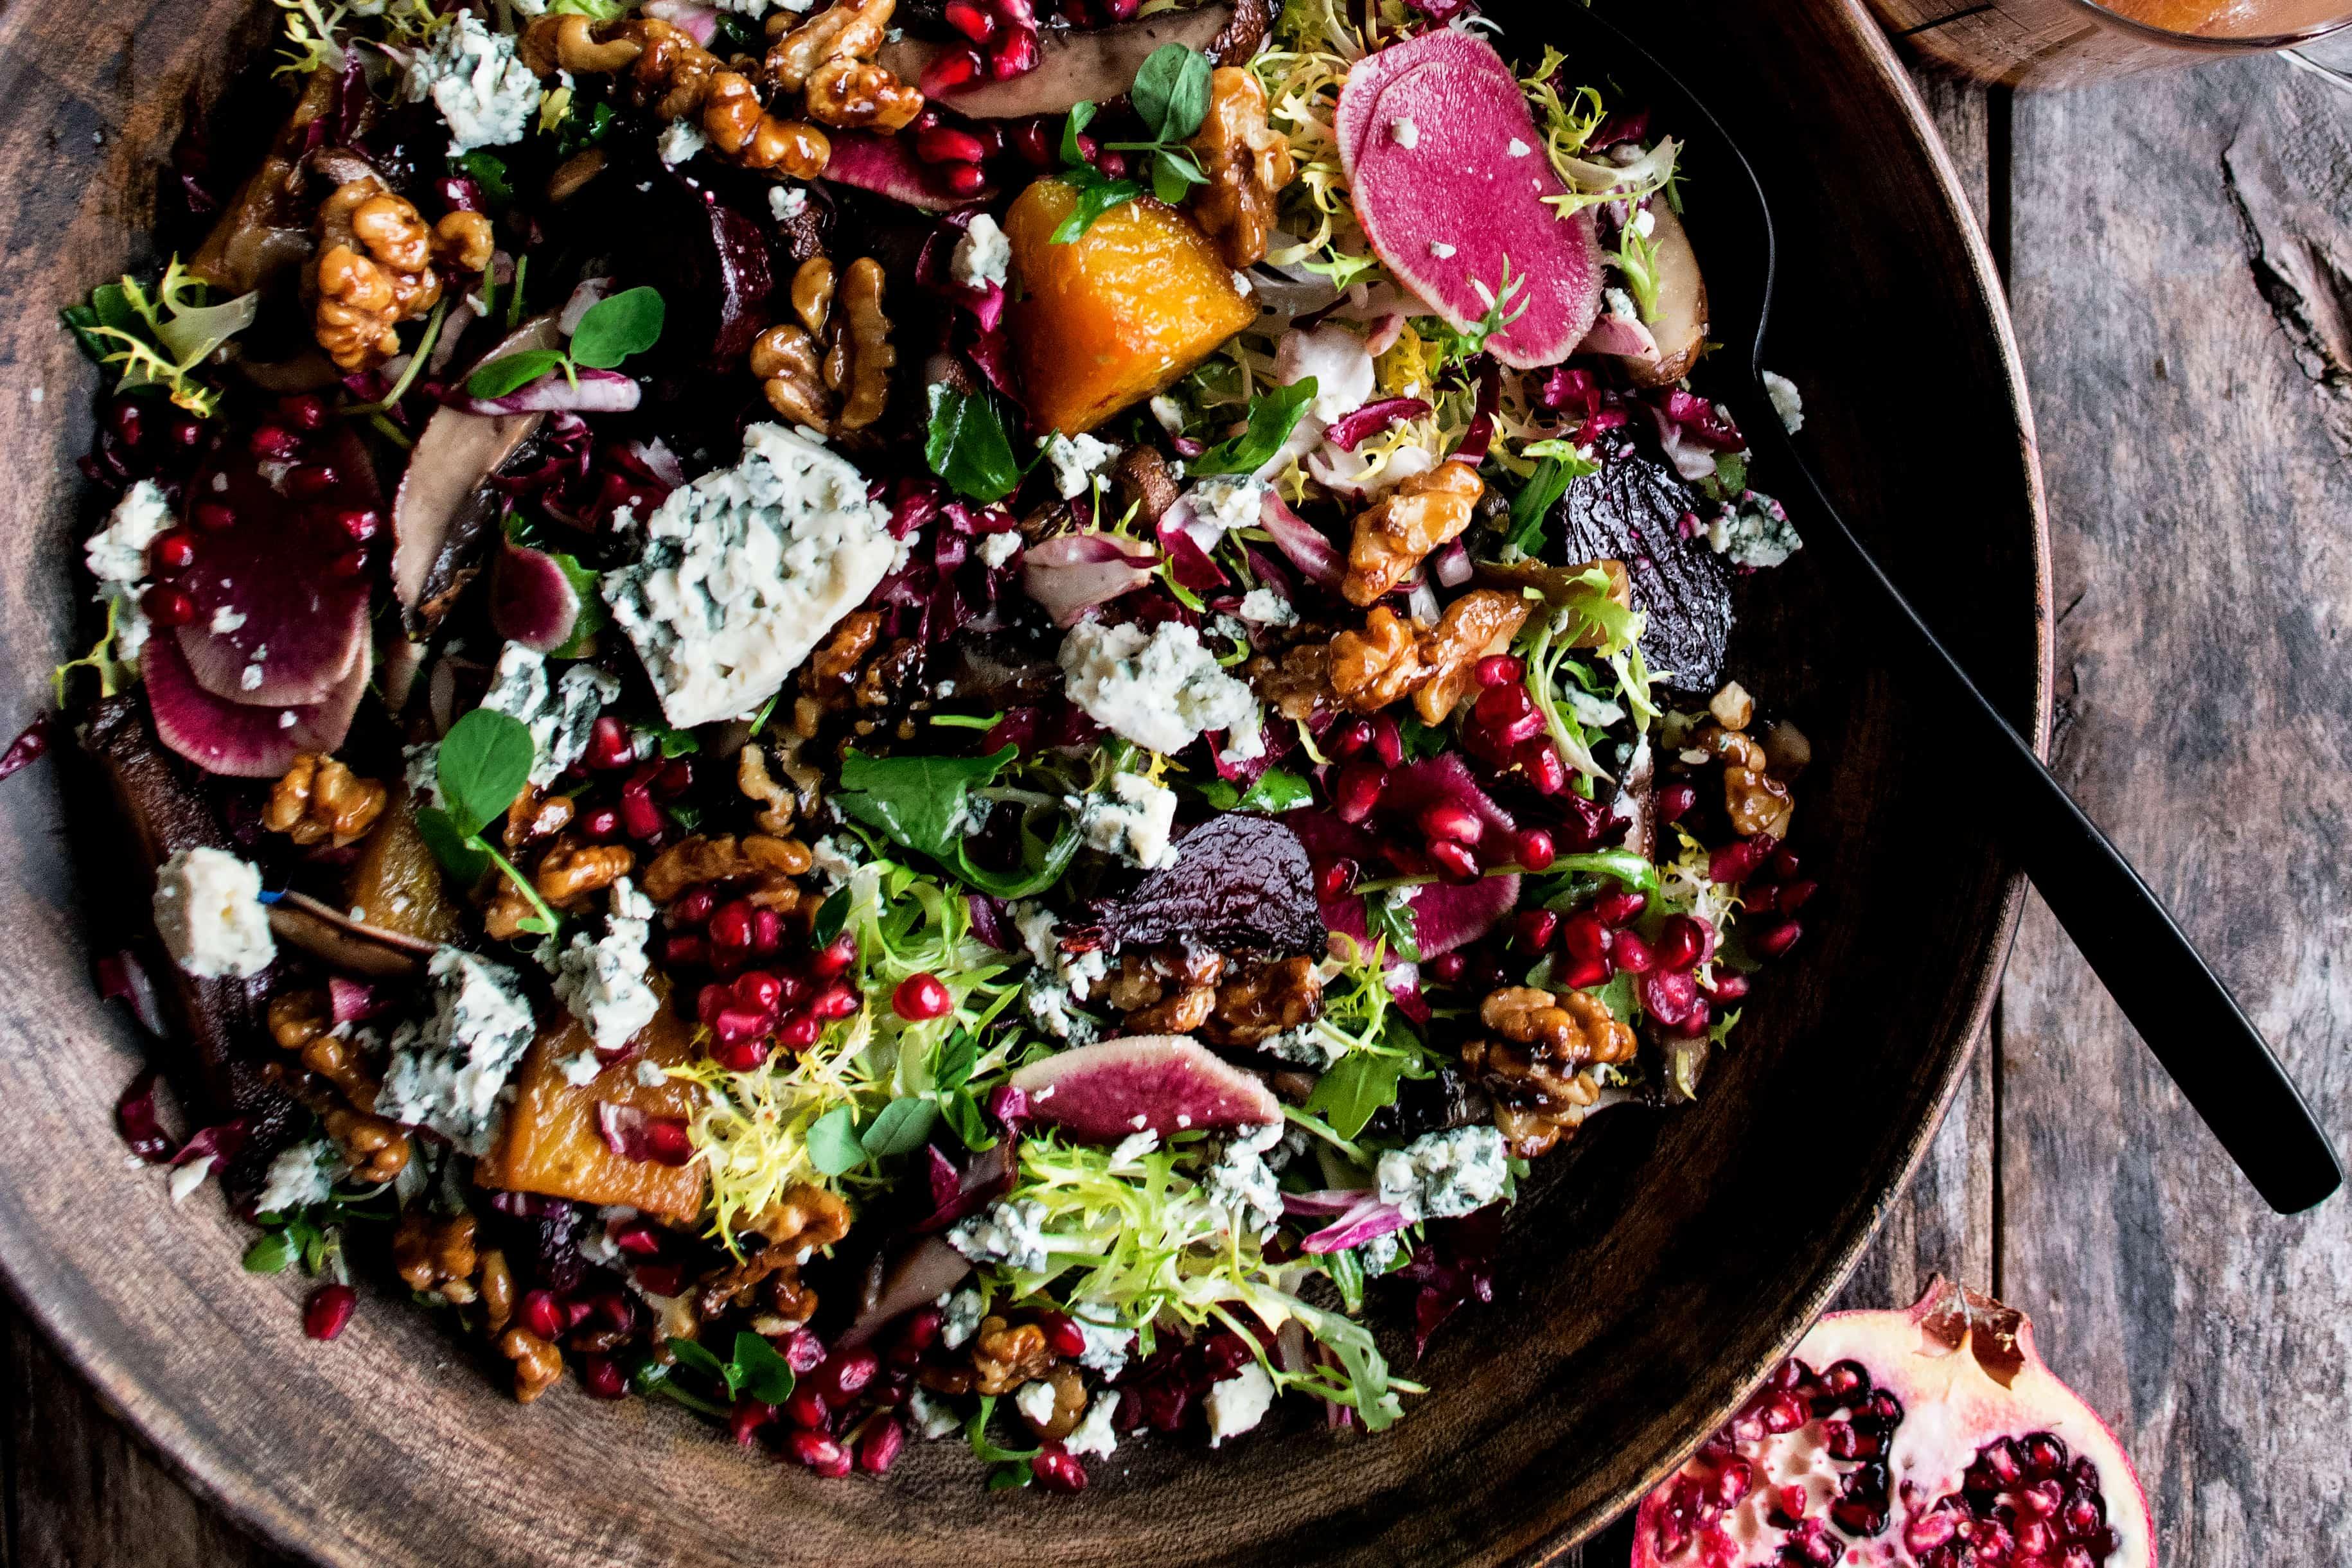 Salad Recipes Nz Pomegranate